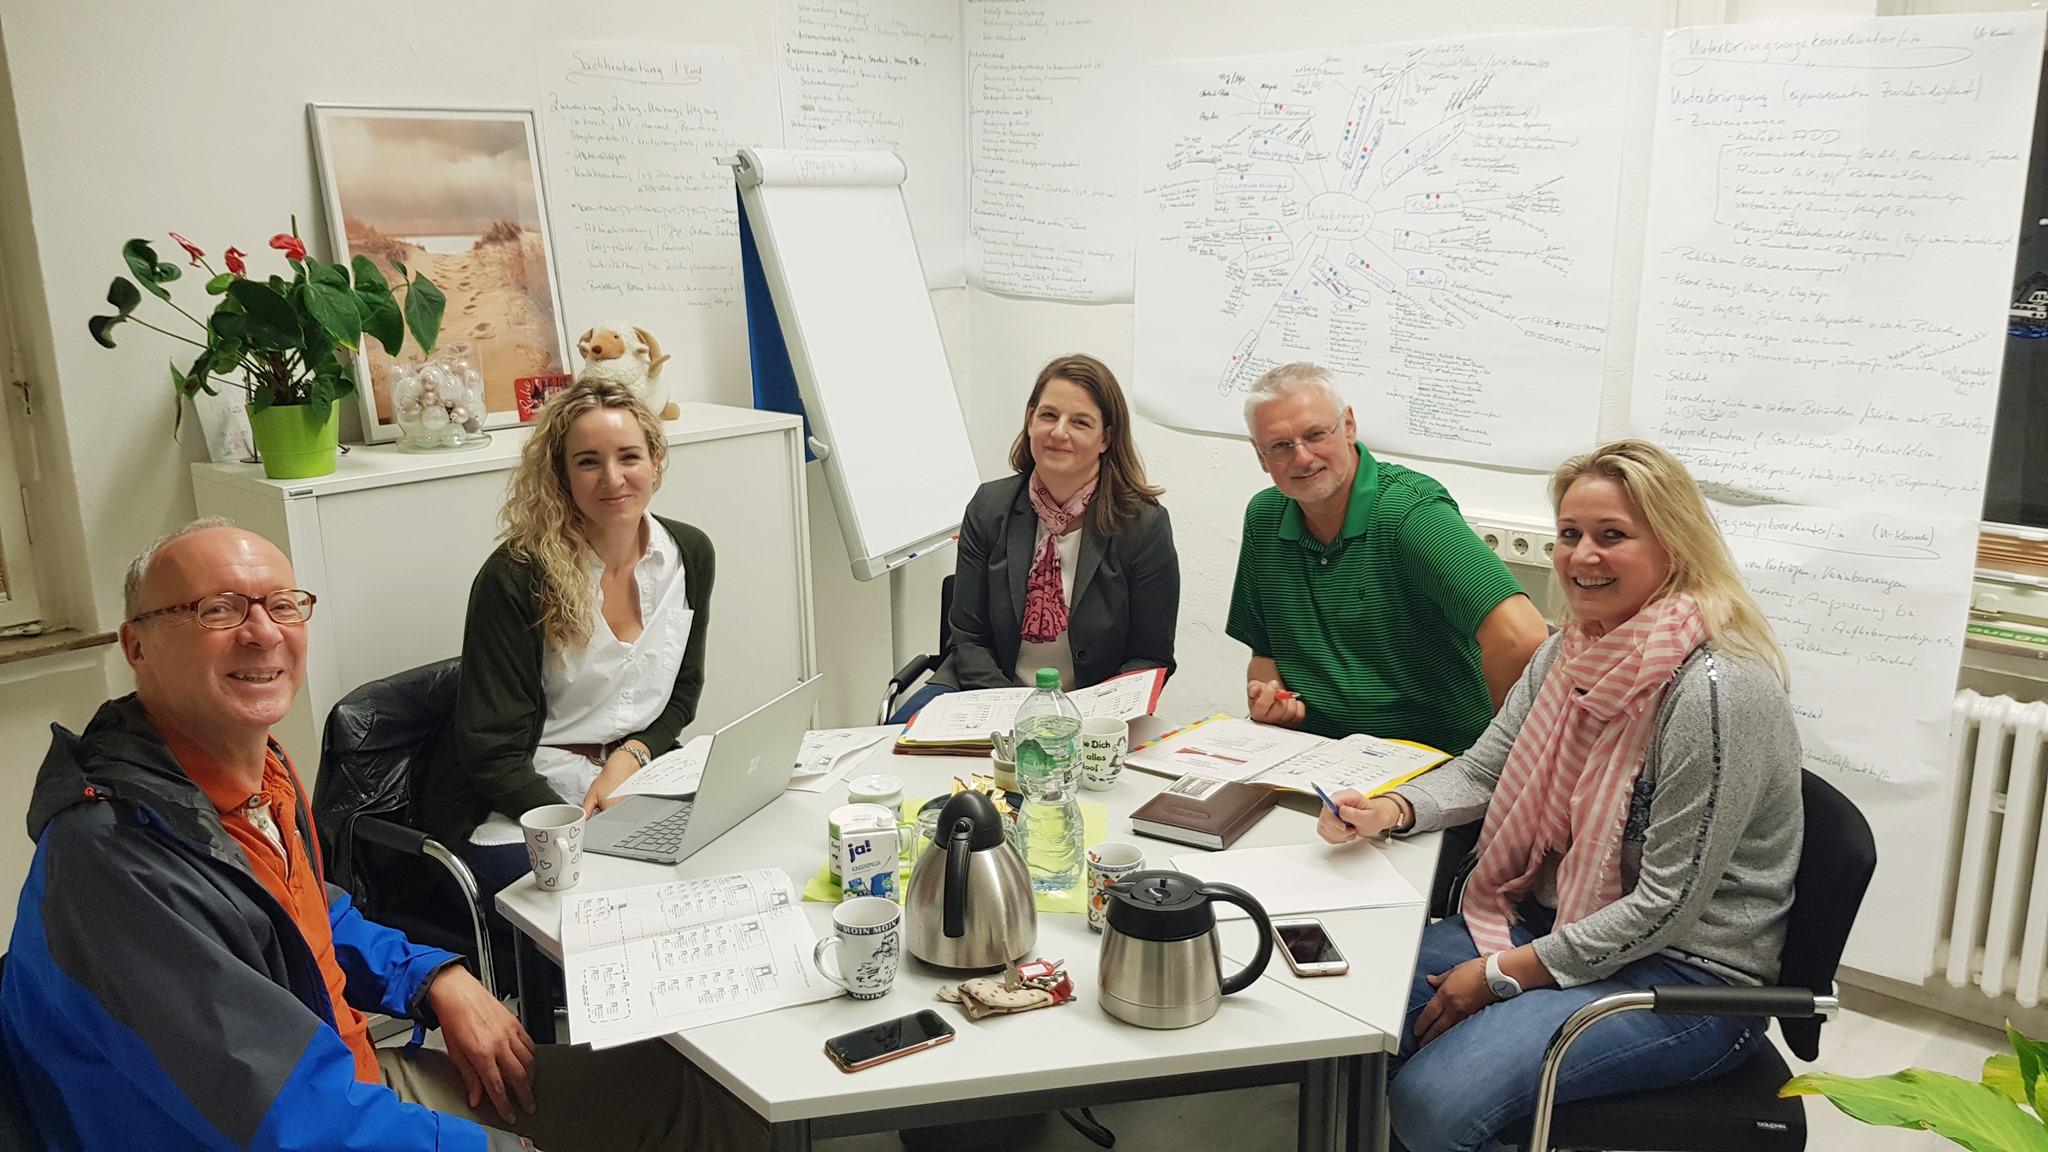 GRÜNE Fraktion zu Besuch beim Ordnungsamt in Koblenz: Integrationsarbeit und aktive Flüchtlingshilfe aus einer Hand